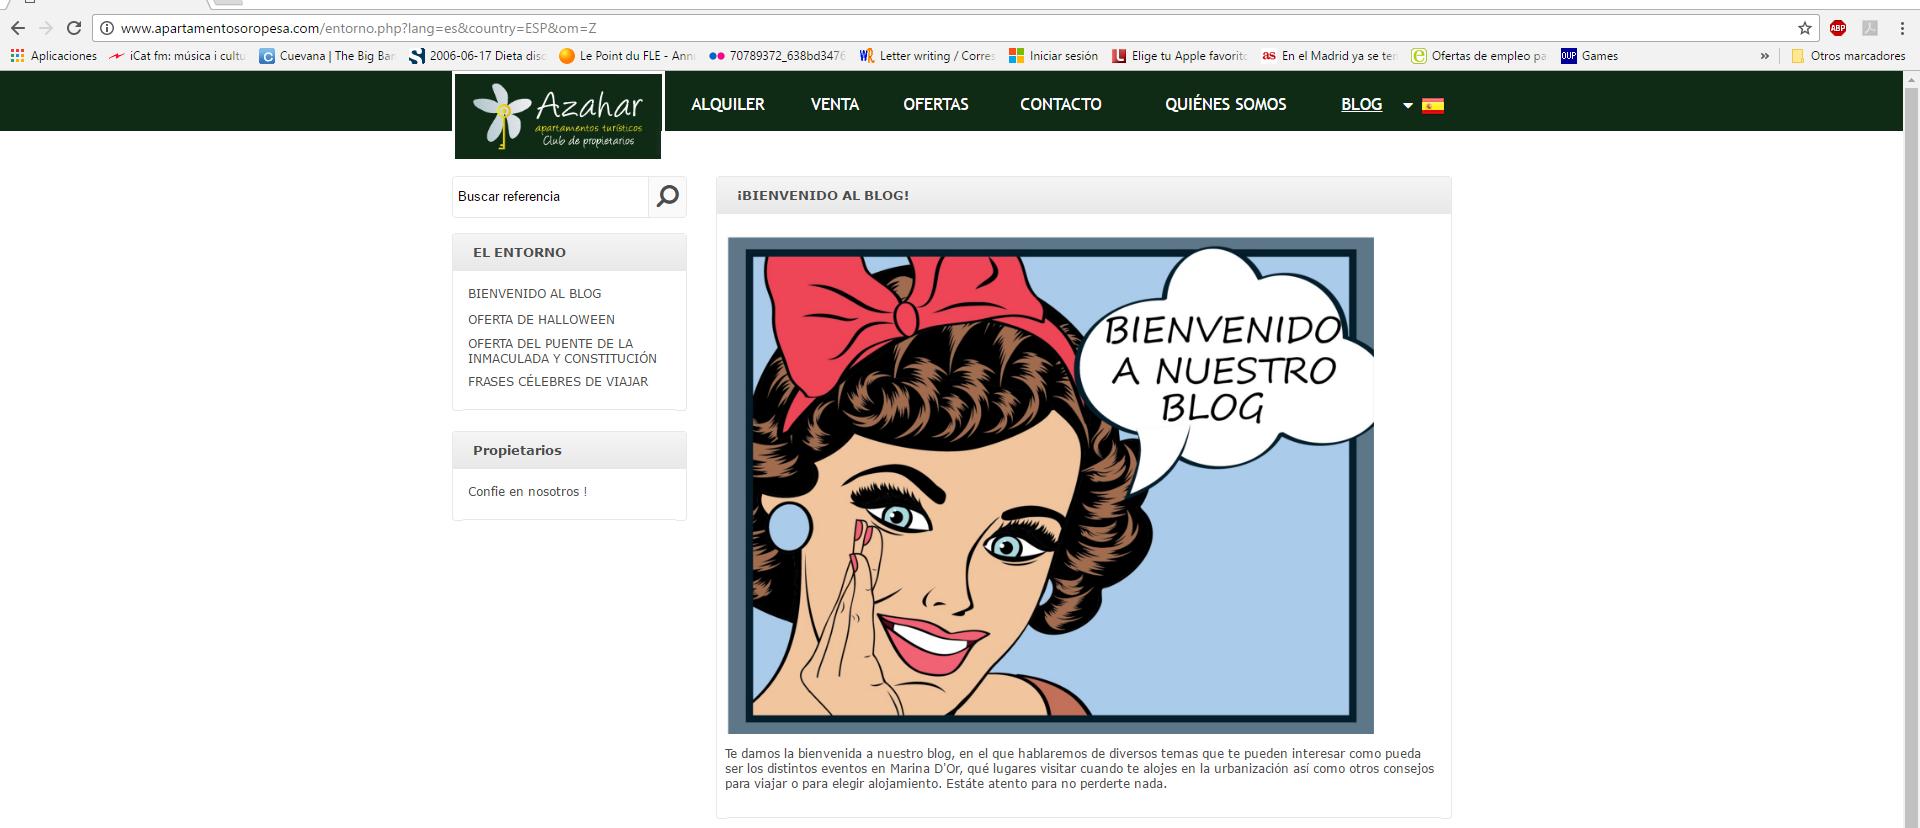 creacion de contenidos de blog azahar apartamentos turísticos